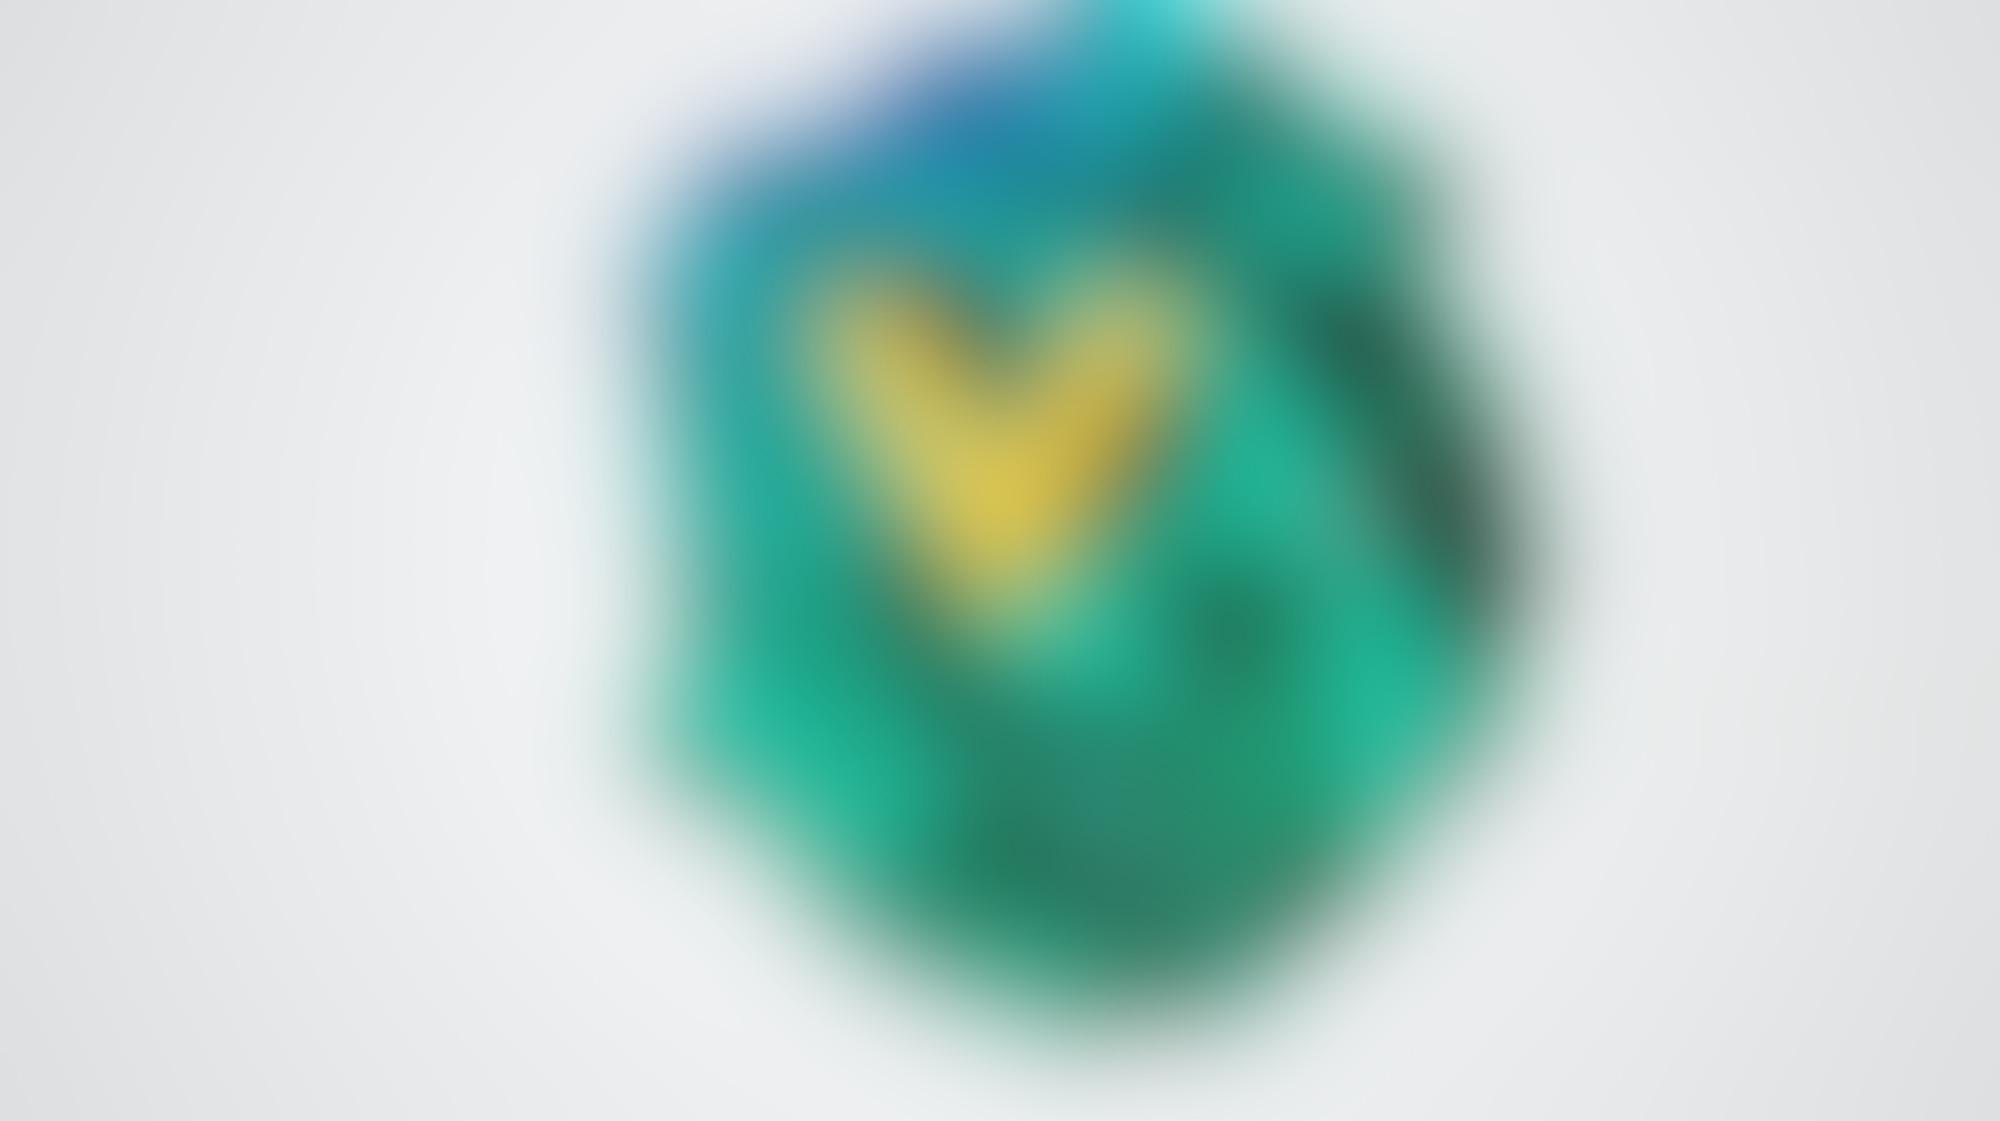 Veon4 autocompressfitresizeixlibphp 1 1 0max h2000max w3 D2000q80sf4c4e4b71e40d180aeaec9ad9c31e969